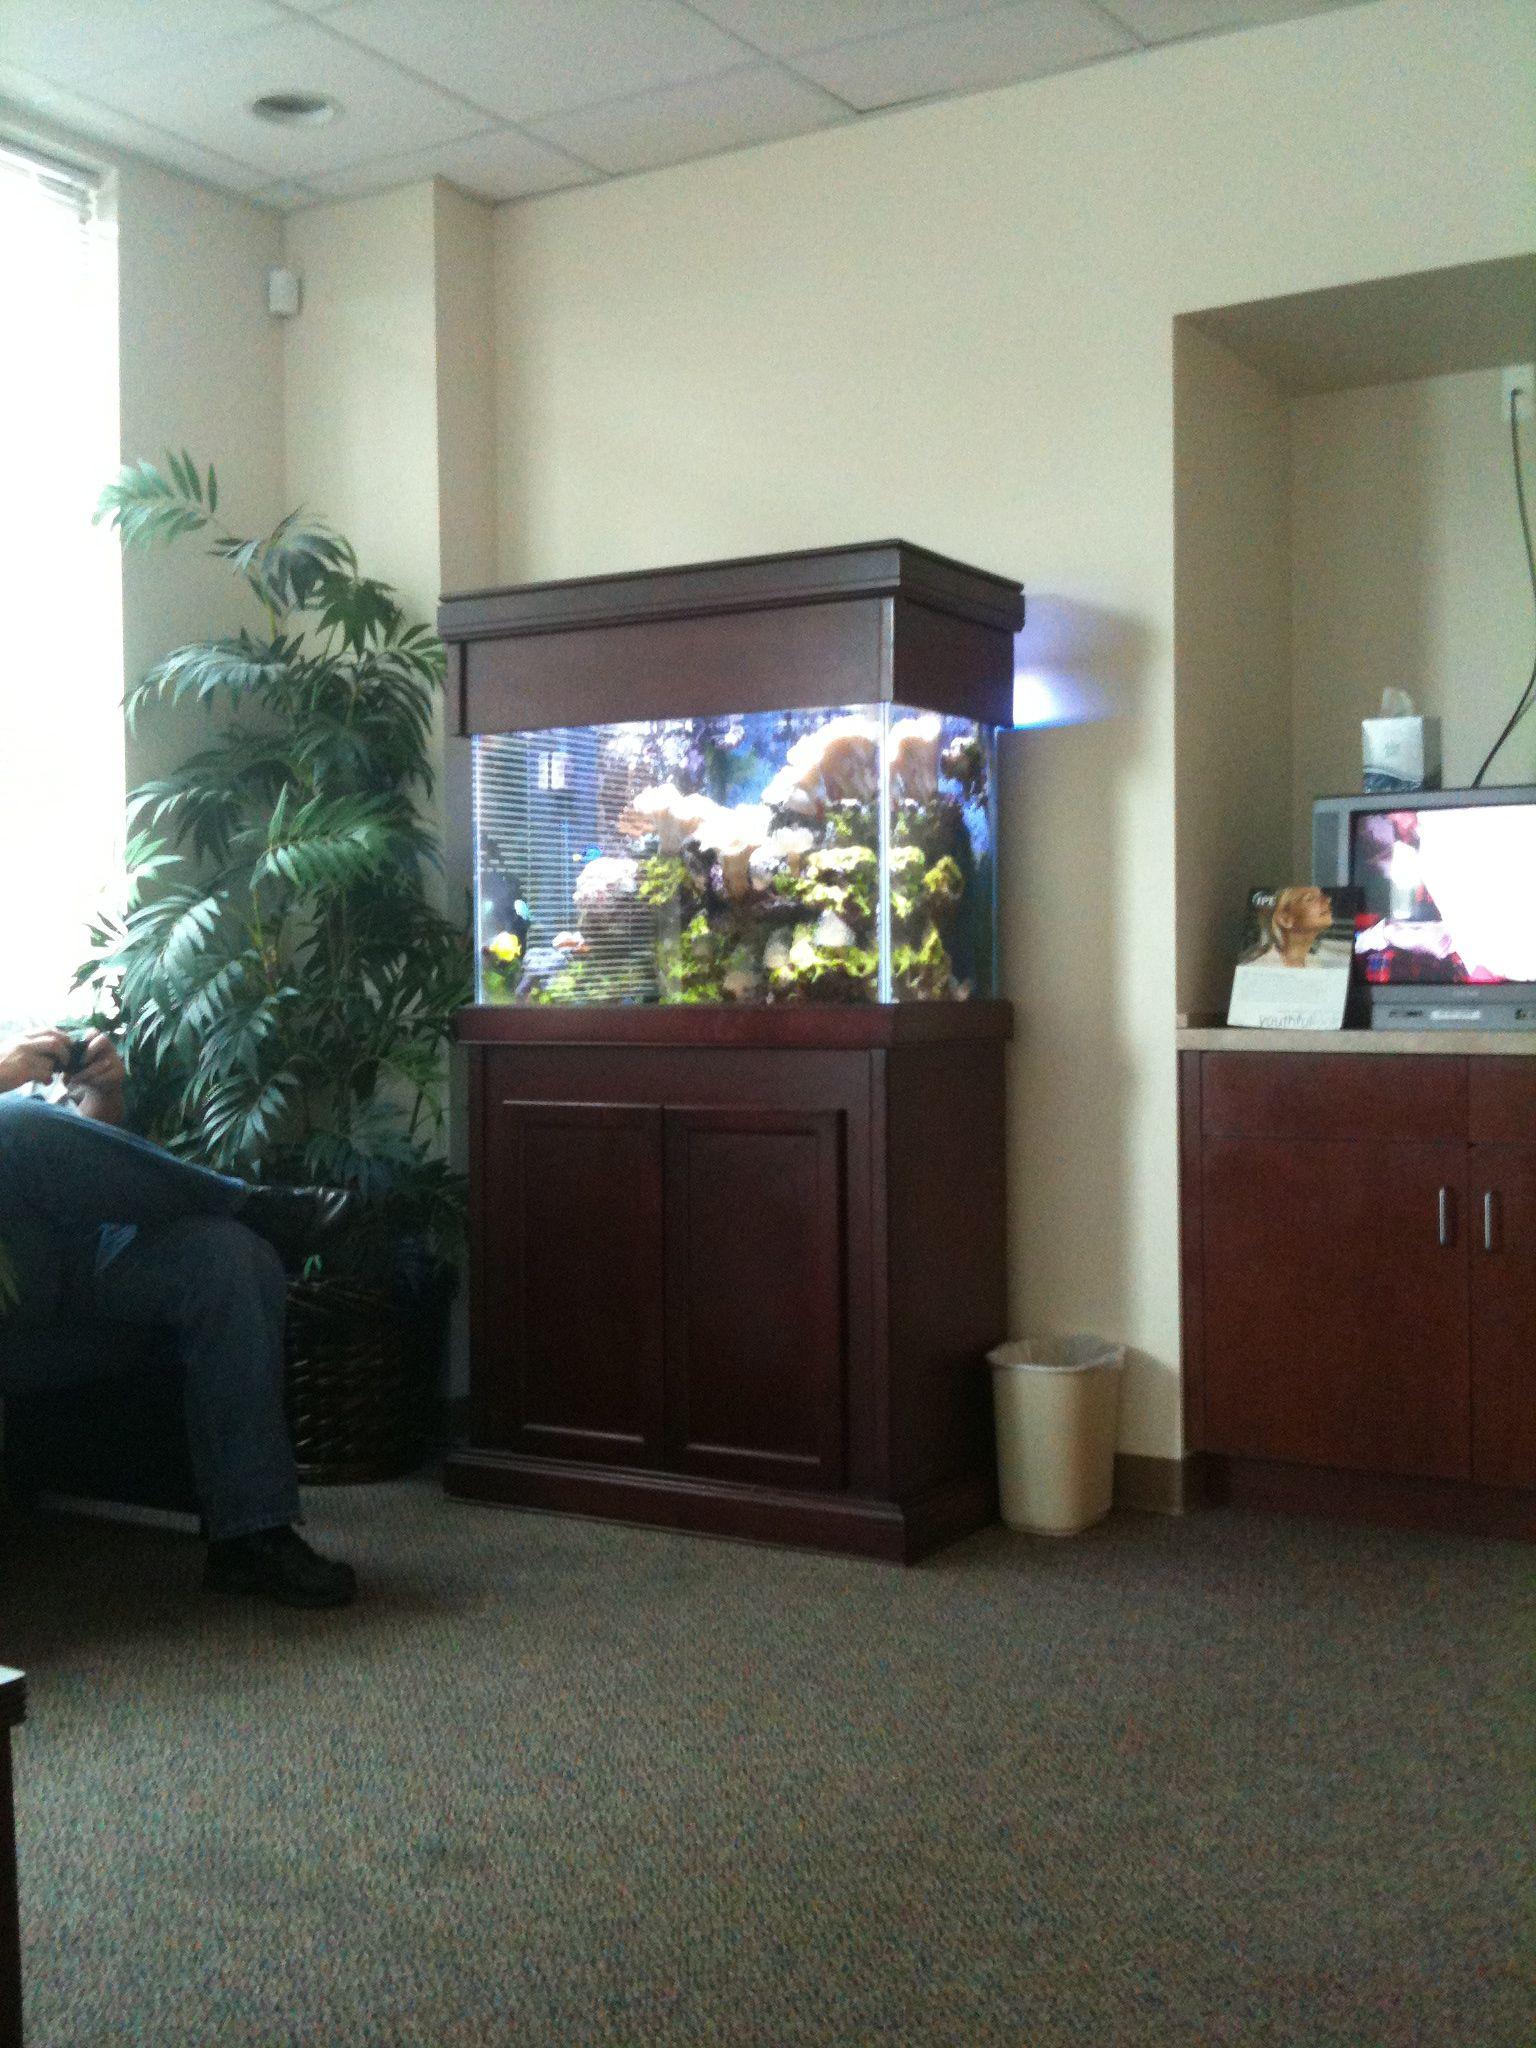 AquaTerre lobby and salt water aquarium Pacific Shores Resort